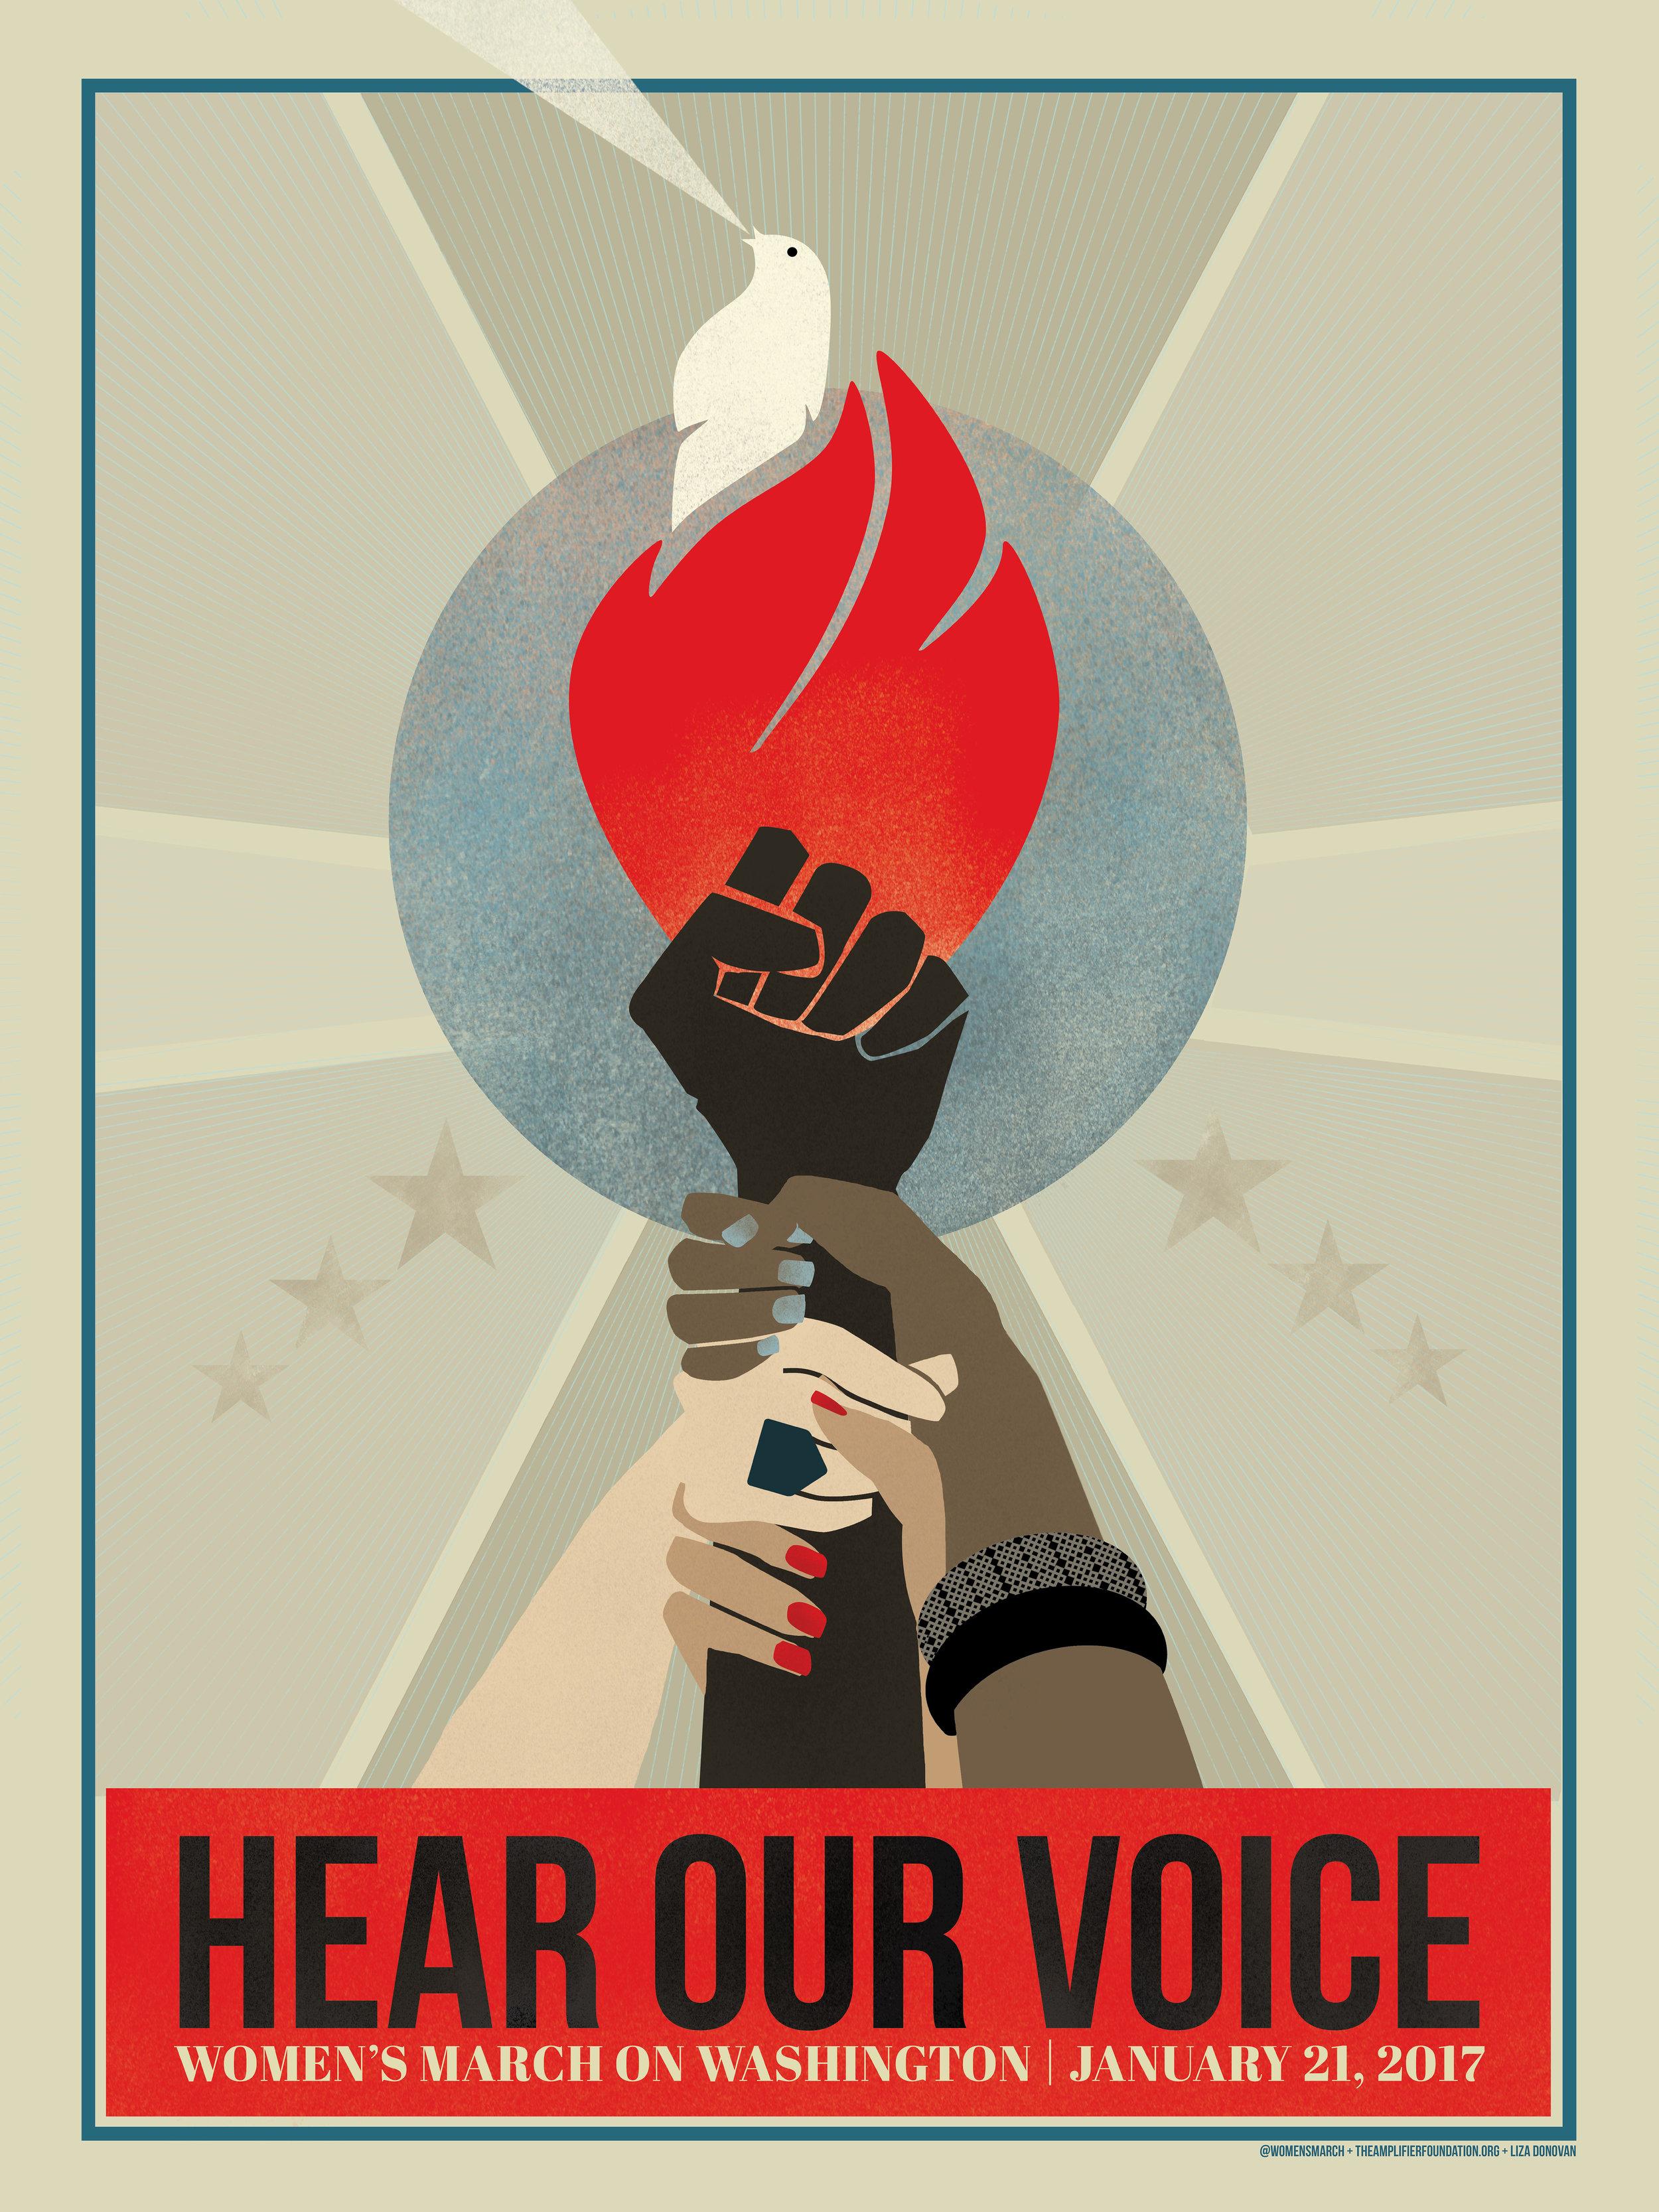 womensmarch.org